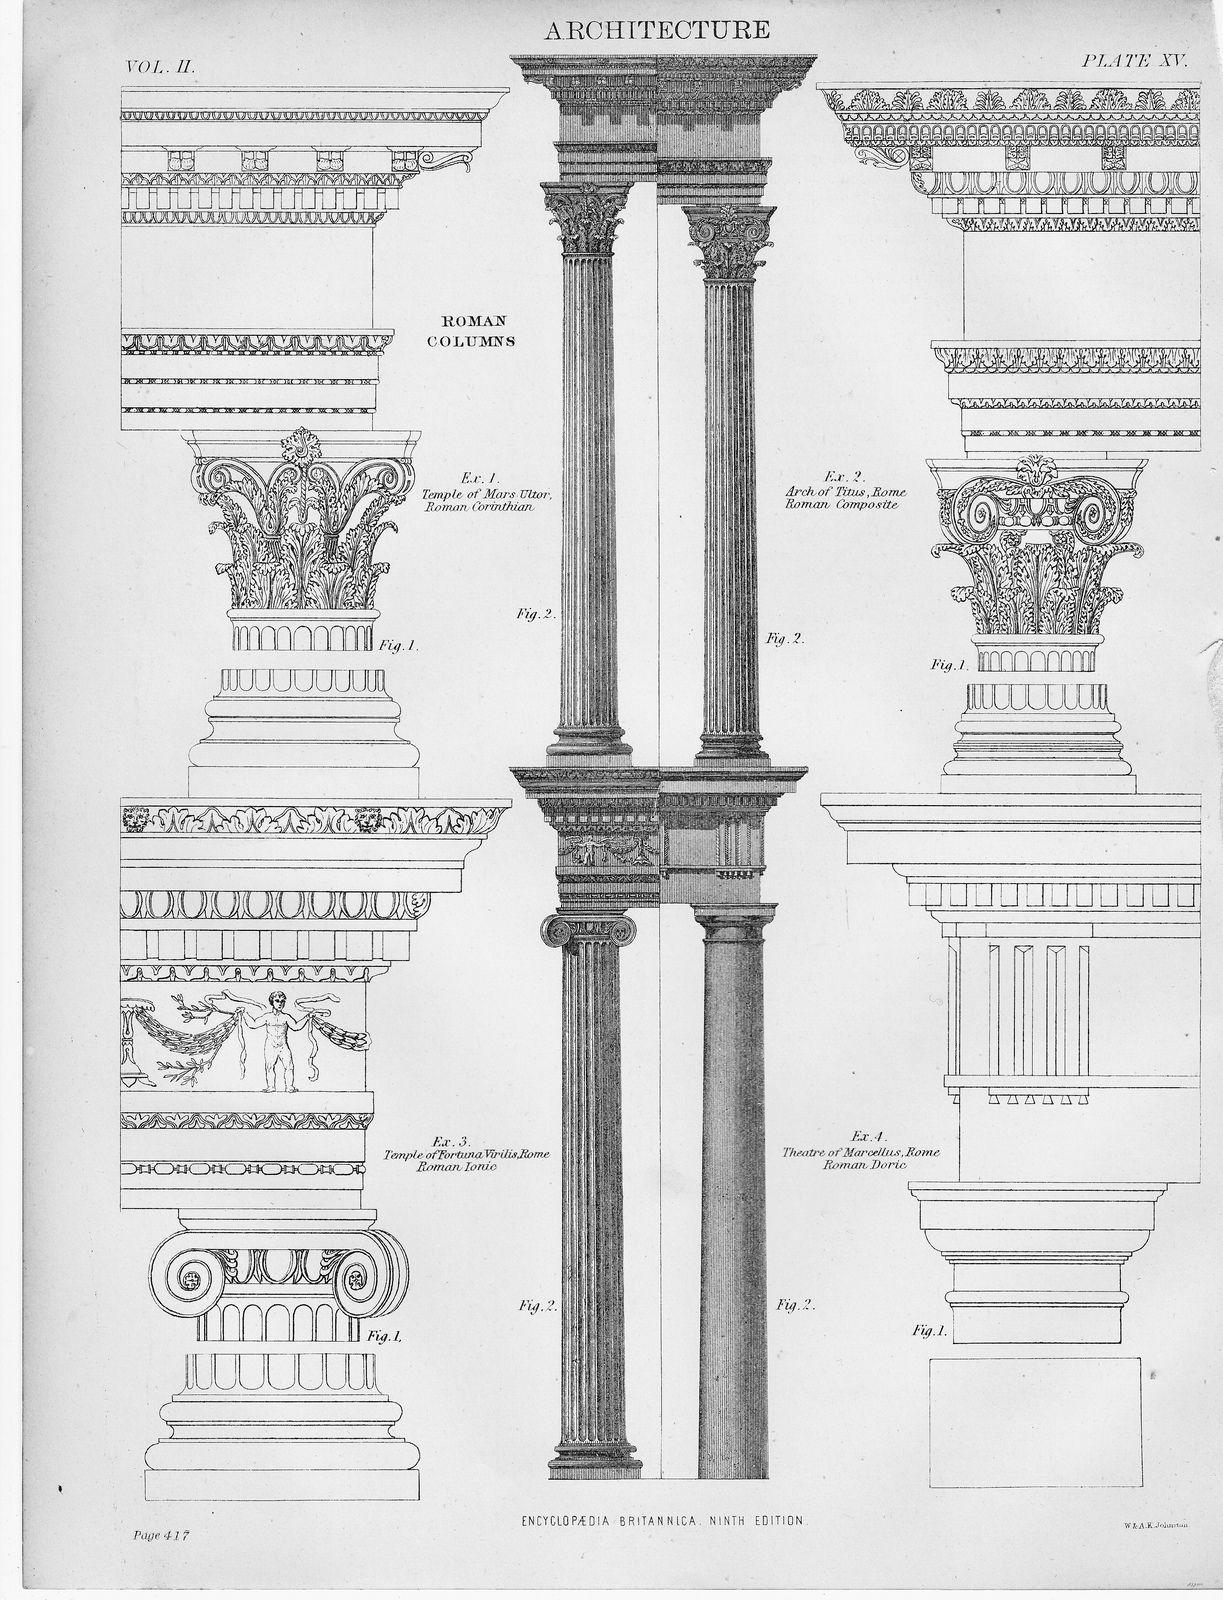 Roman Architecture Columns roman columns, architecture - encyclopaedia britannica 1878